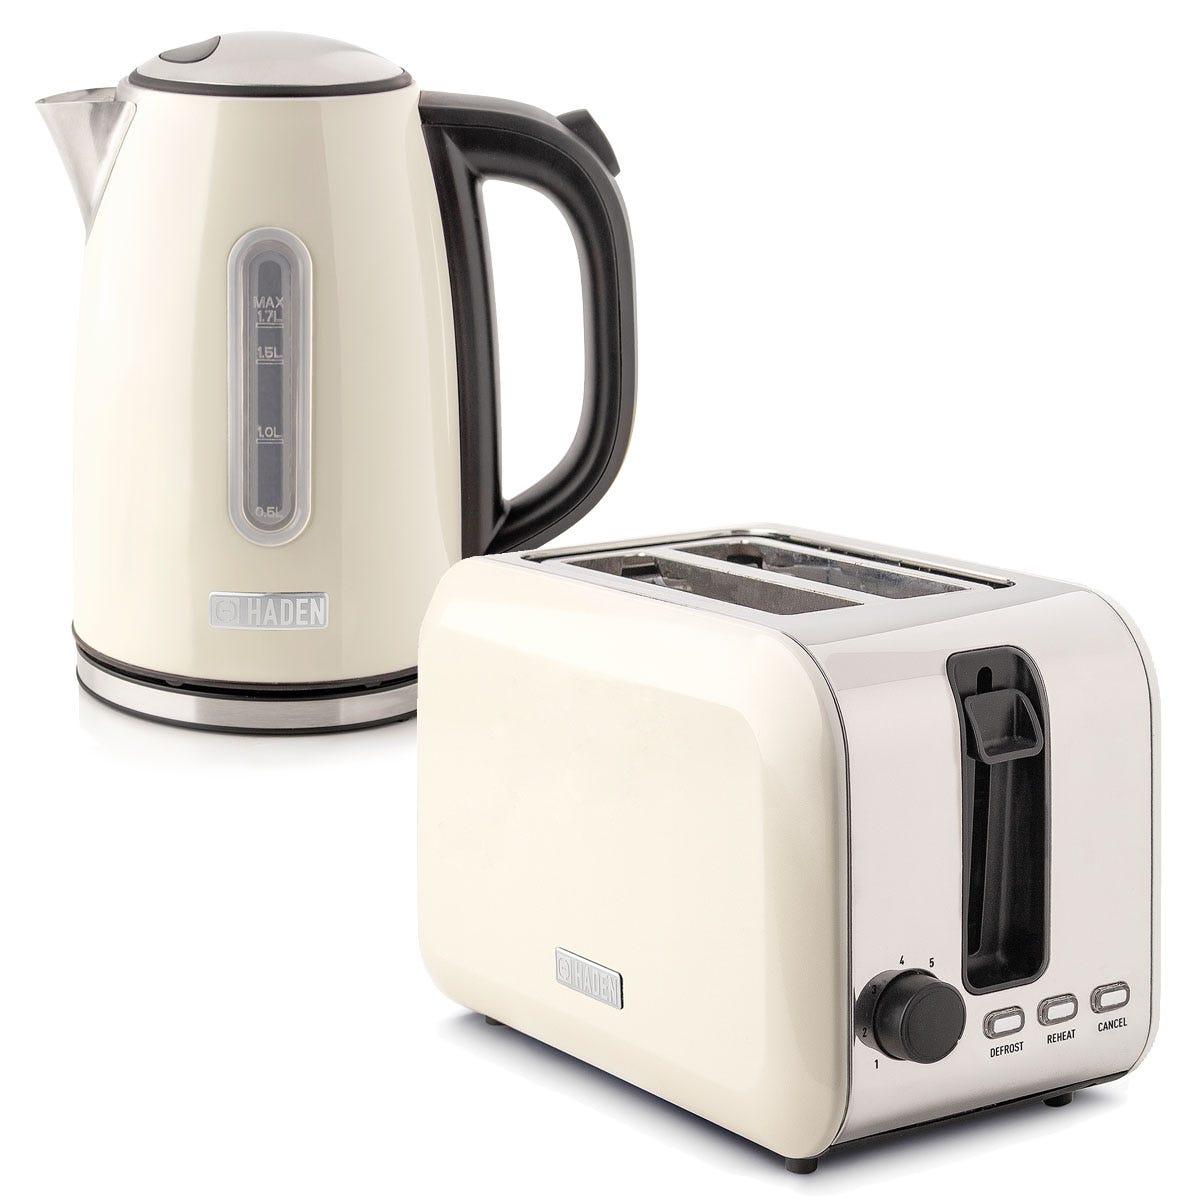 Haden 196866 Tunbridge 1.7L Kettle & 2-Slice Toaster Twin Set - Cream